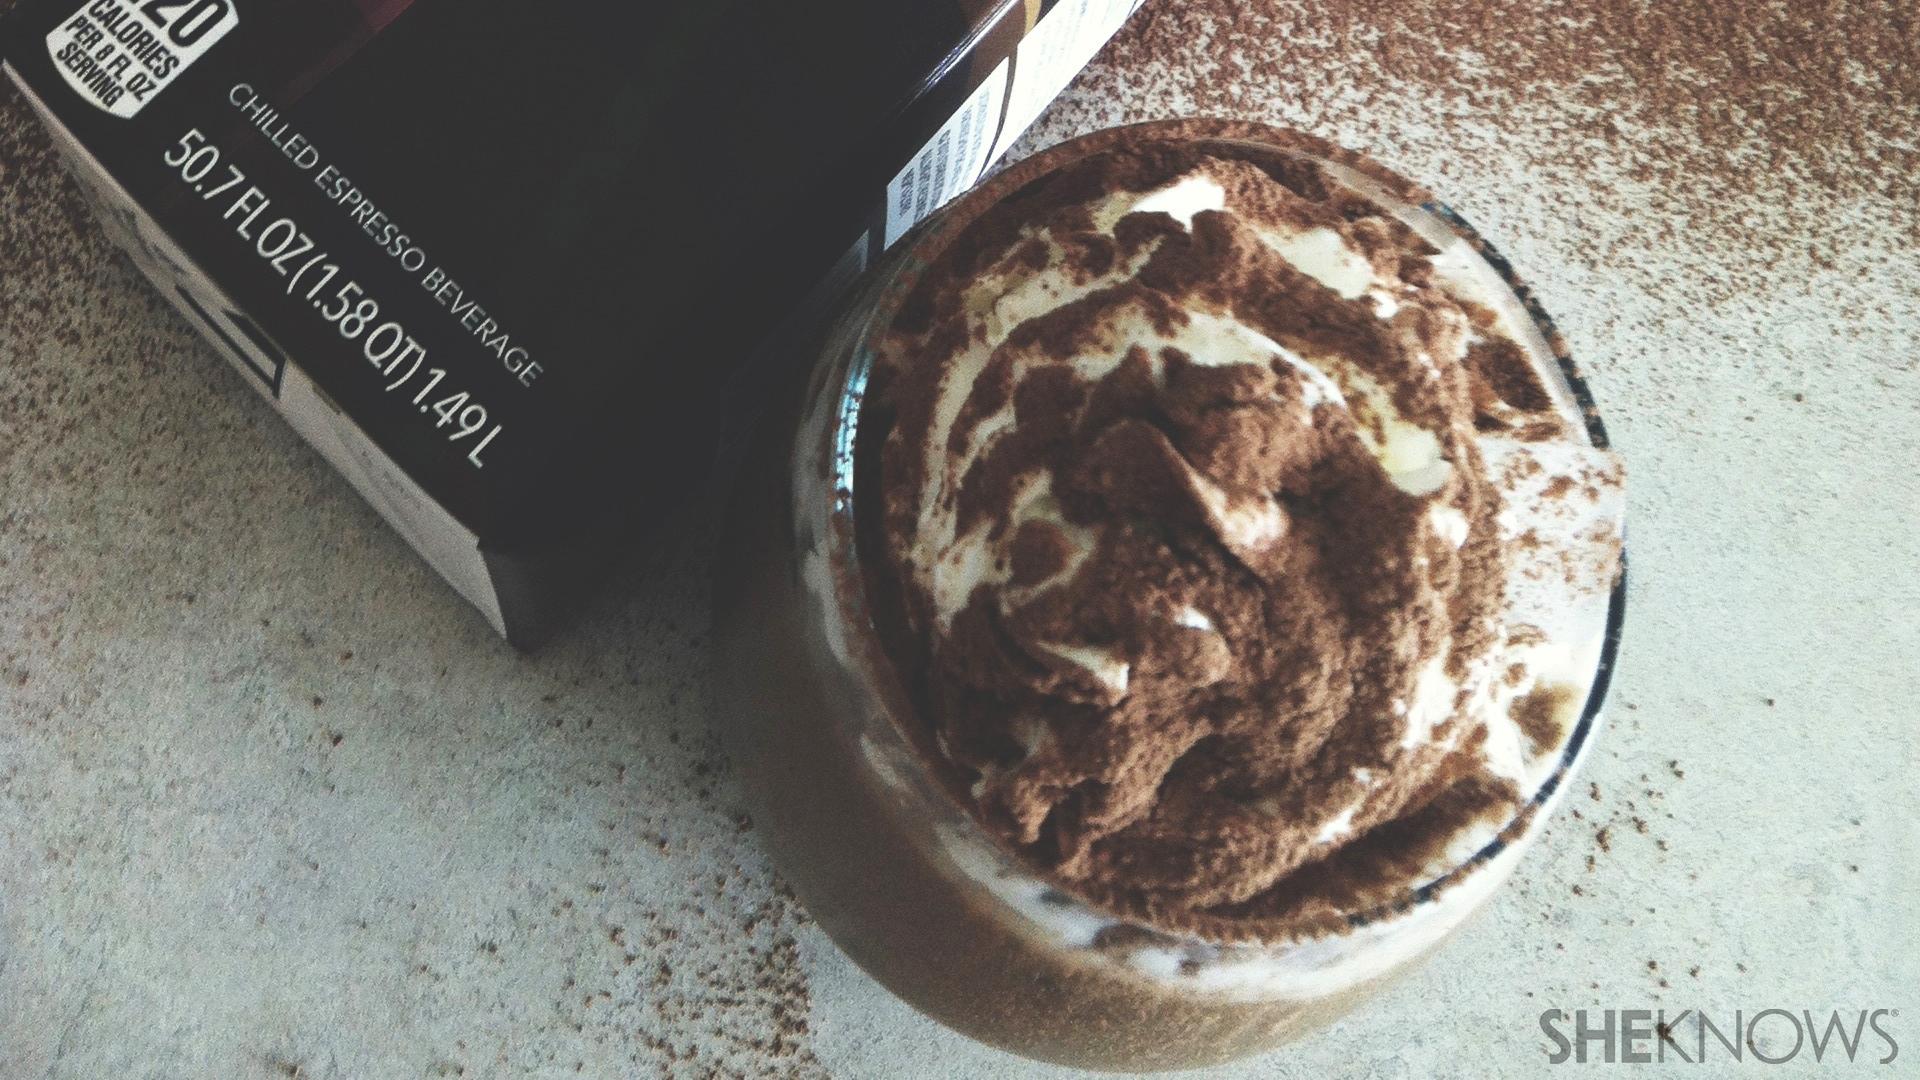 Make coffee plants | Sheknows.com